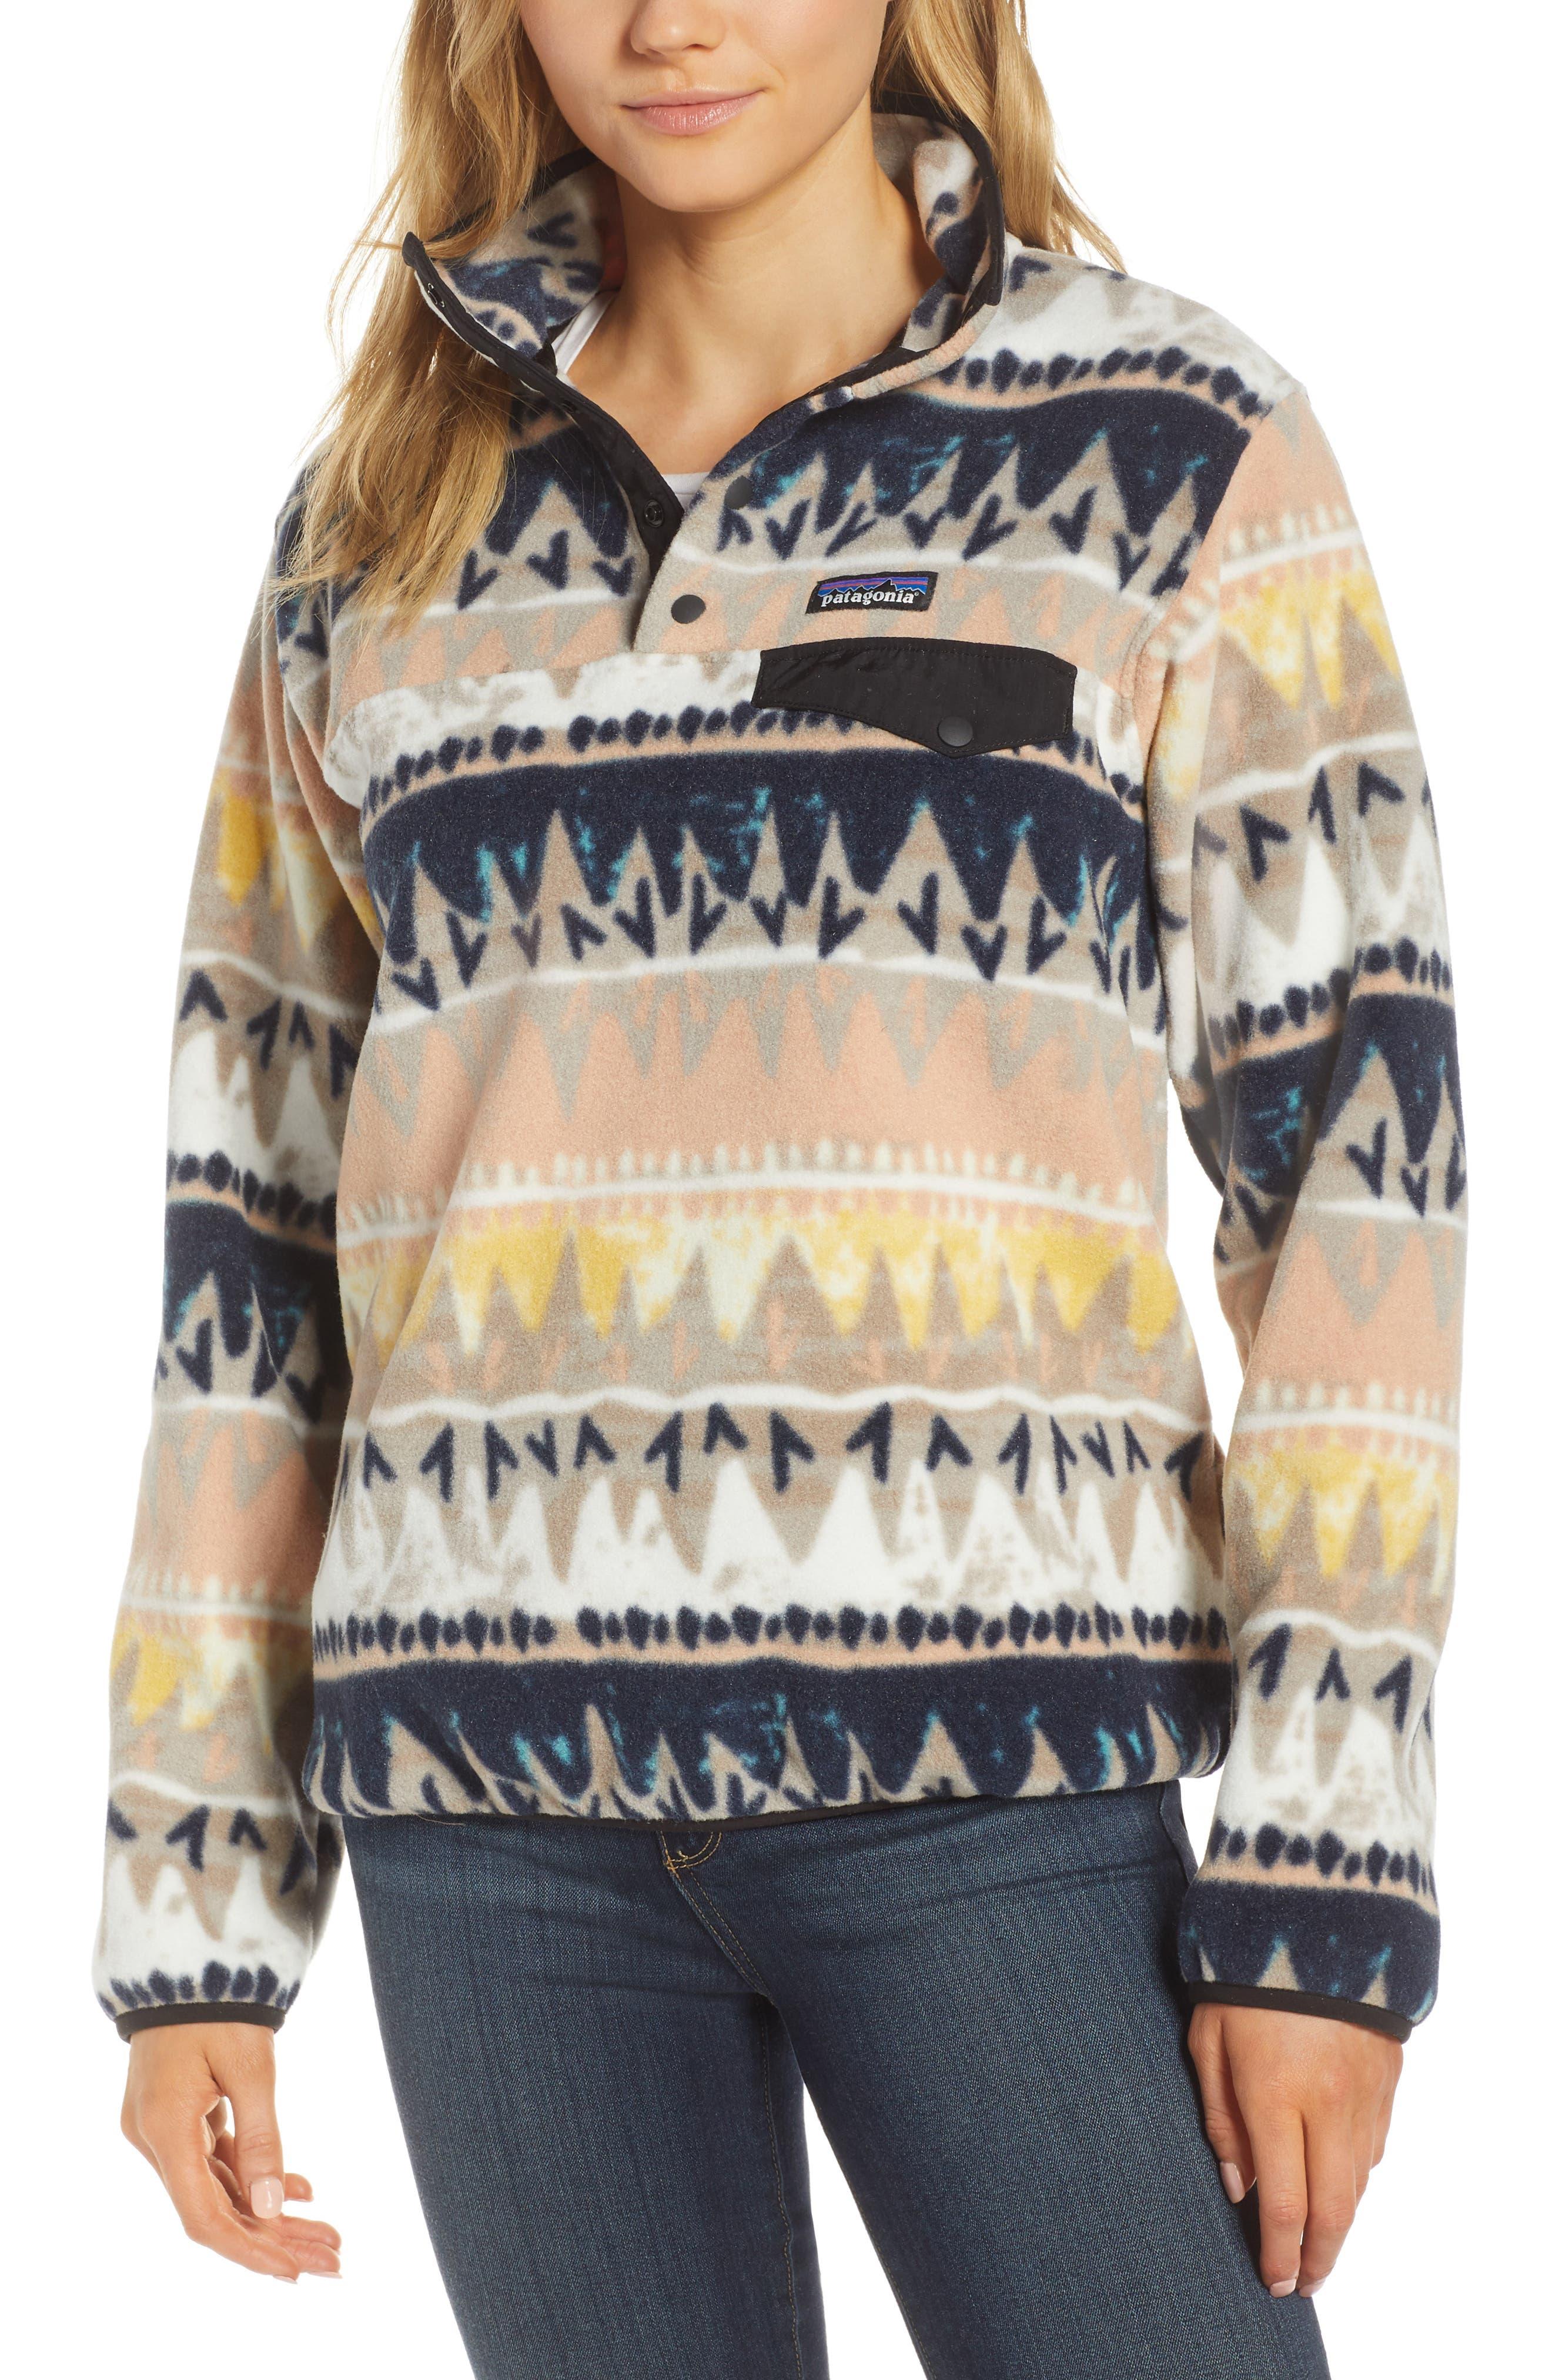 PATAGONIA, Synchilla Snap-T<sup>®</sup> Fleece Pullover, Main thumbnail 1, color, BANDICOOT/ MARROW GREY